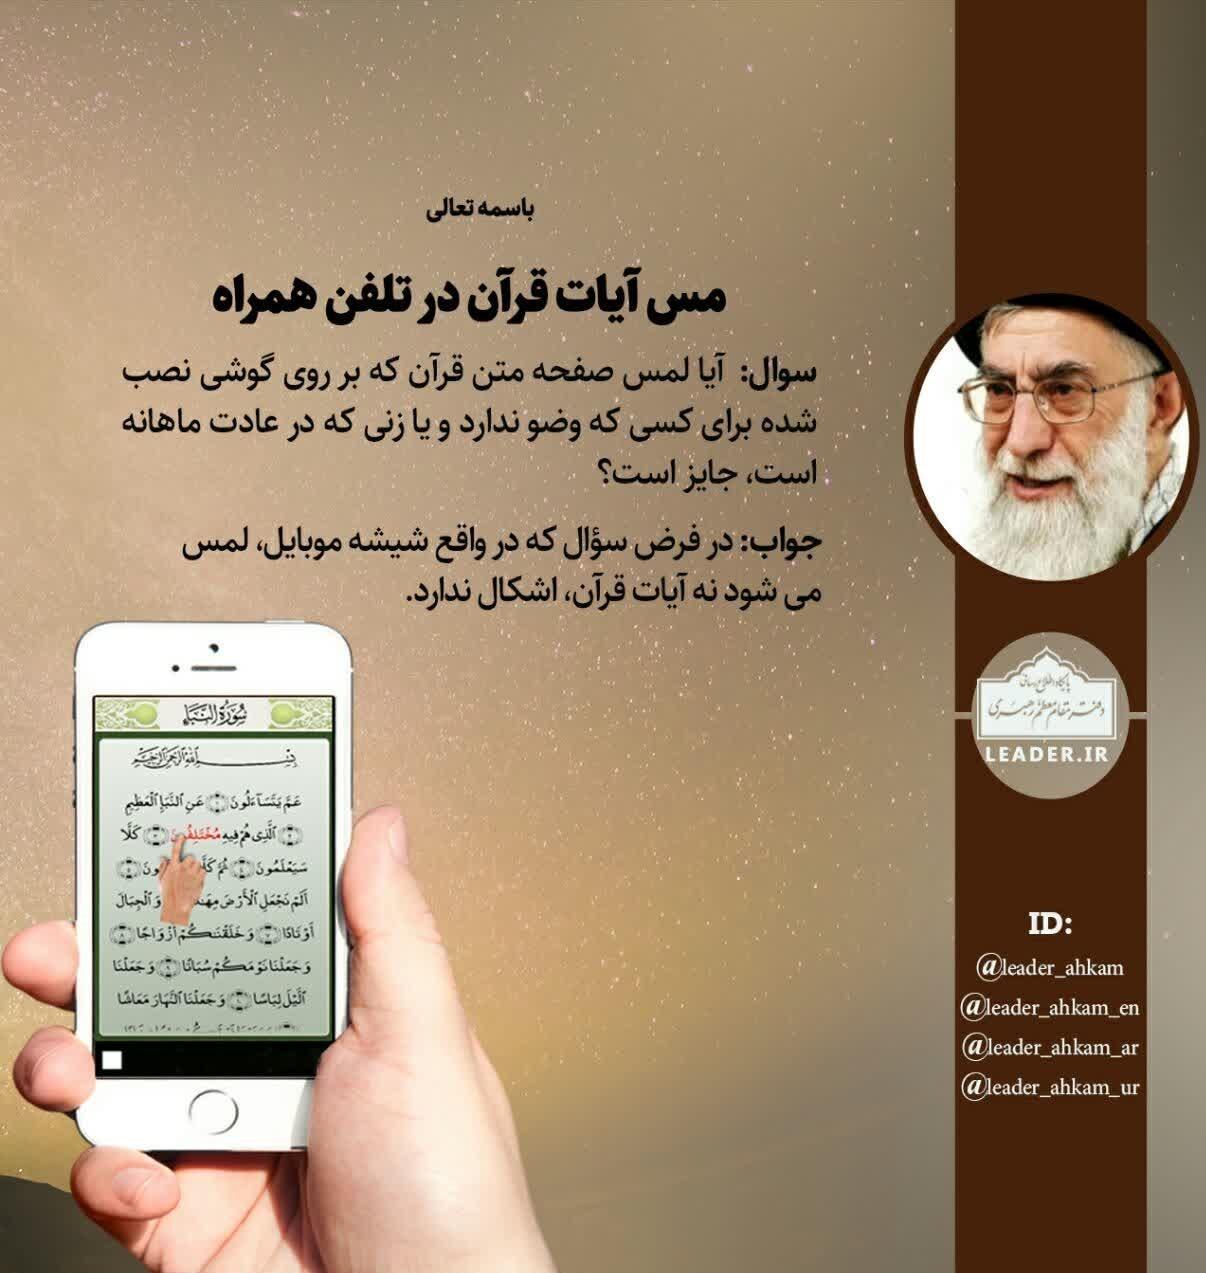 قیمت موبایل , قرآن , رهبر , احکام دینی ,